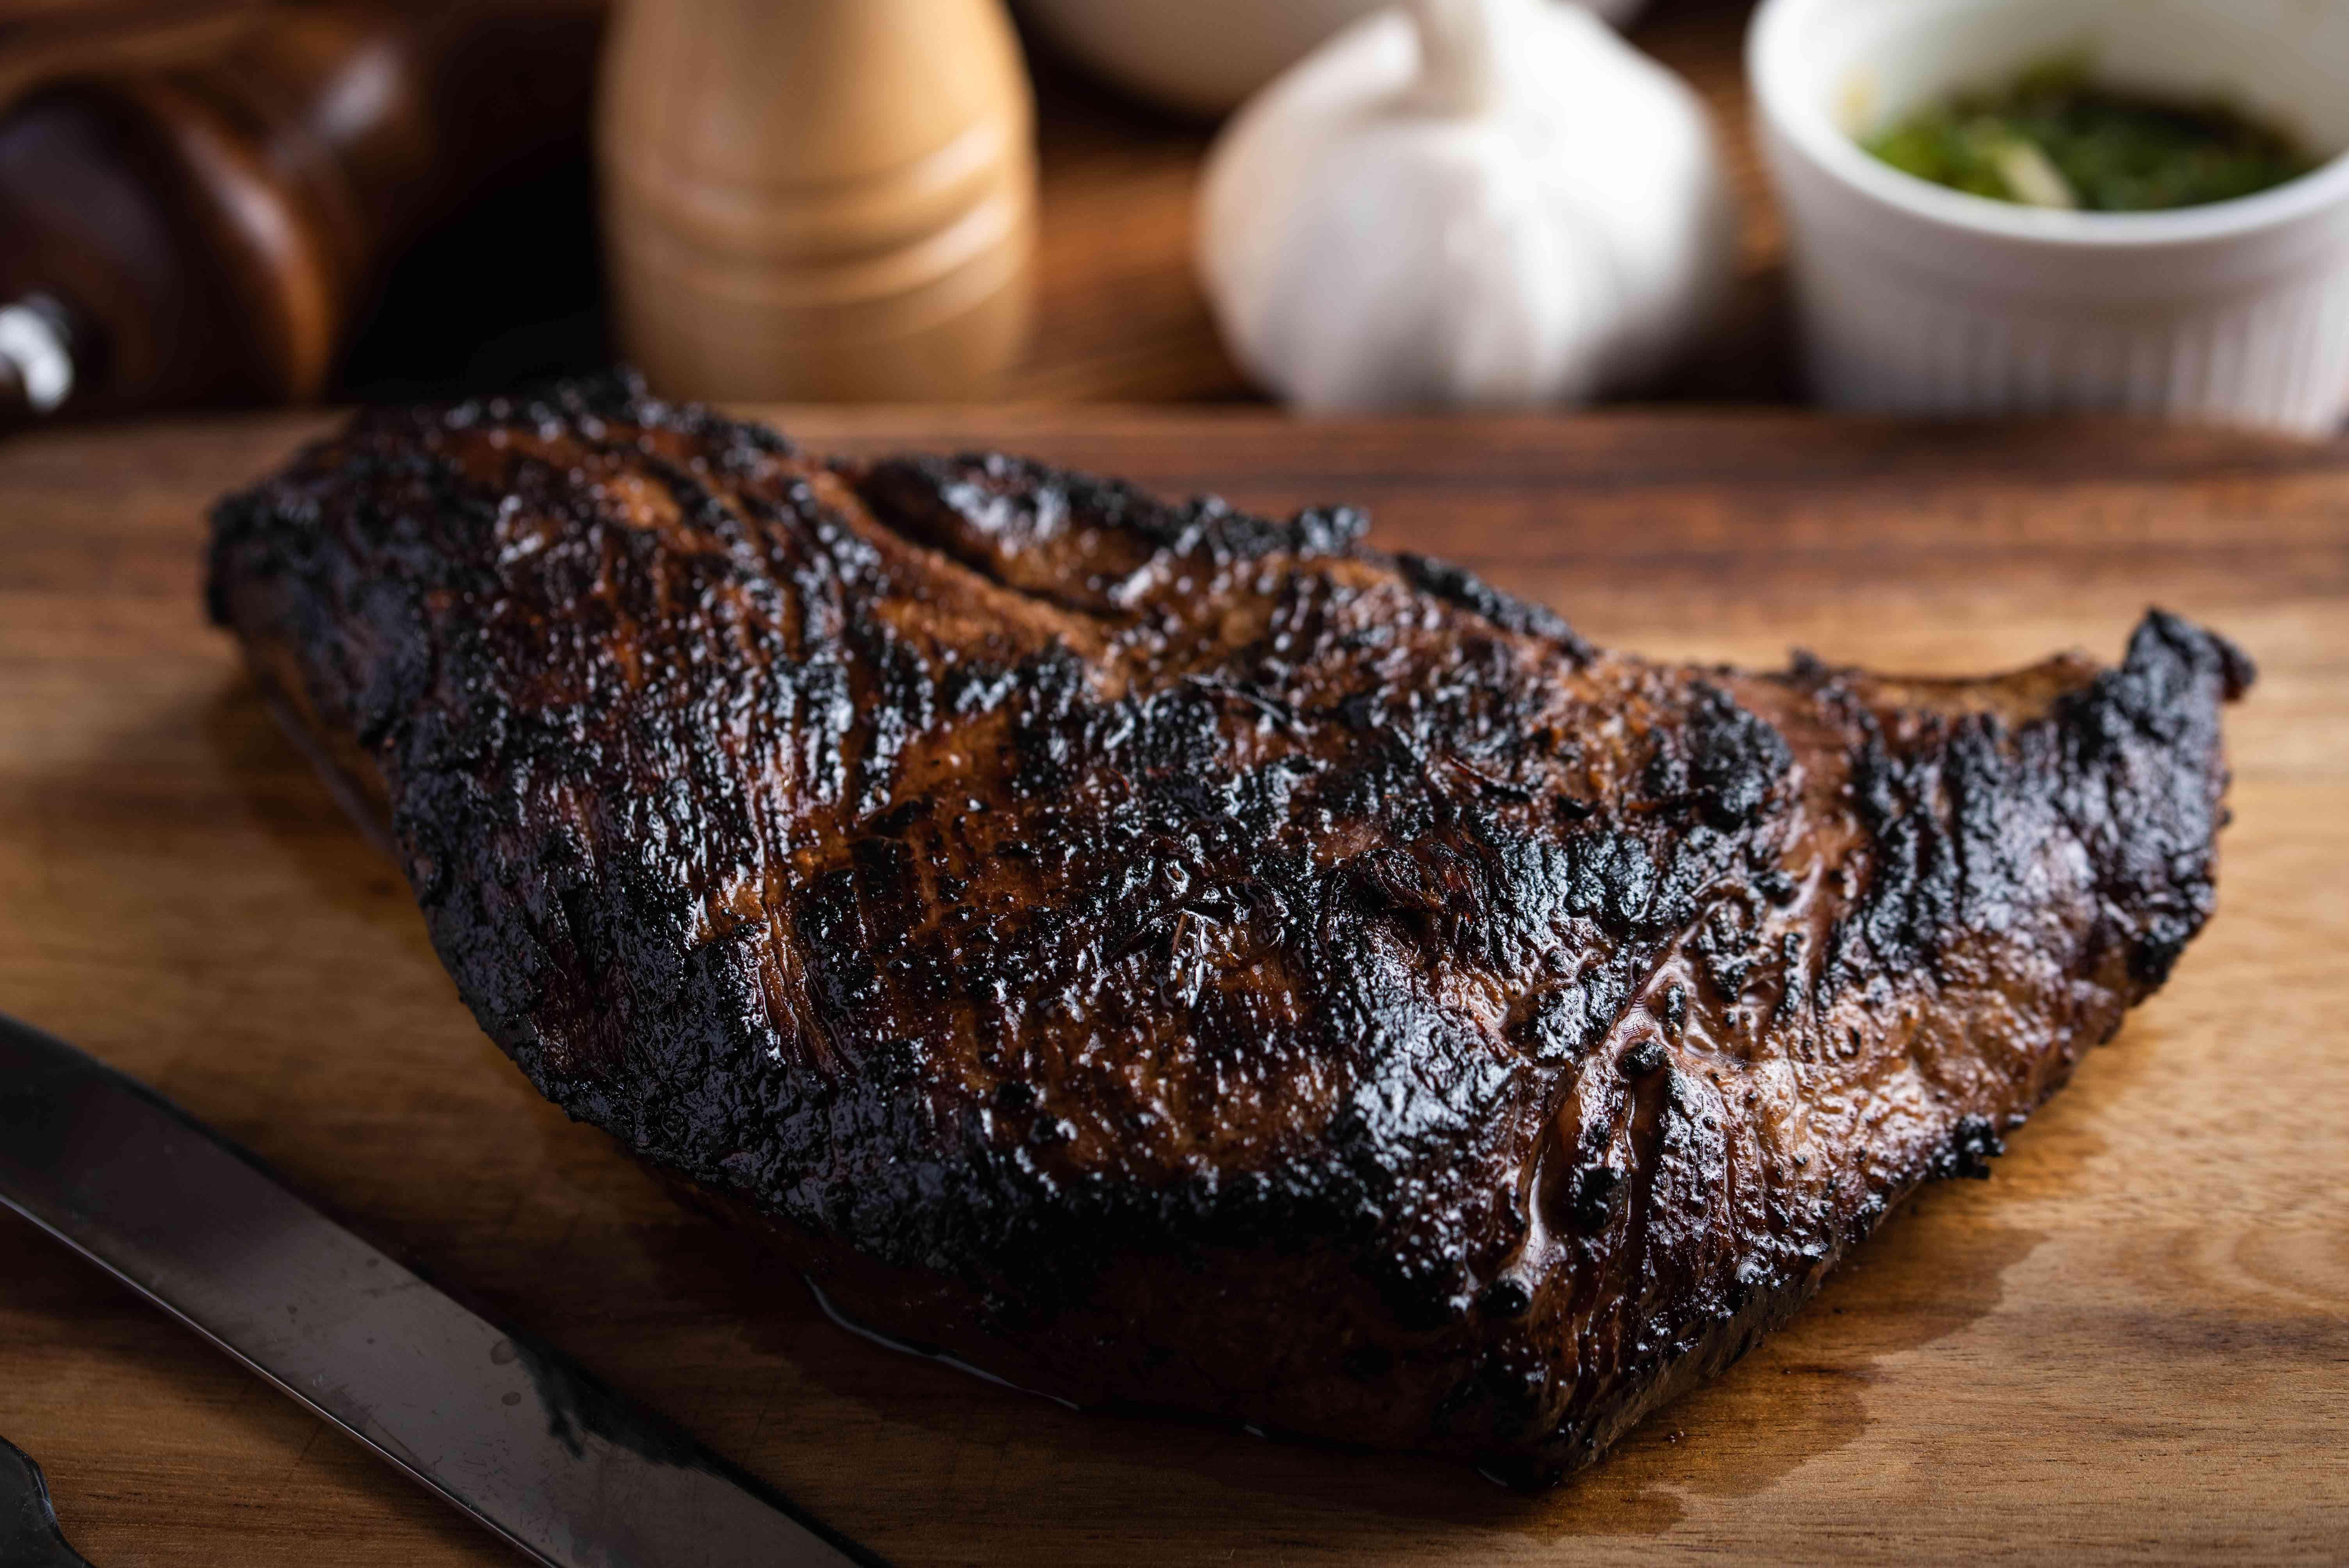 Grilled tri-tip steak on a cutting board